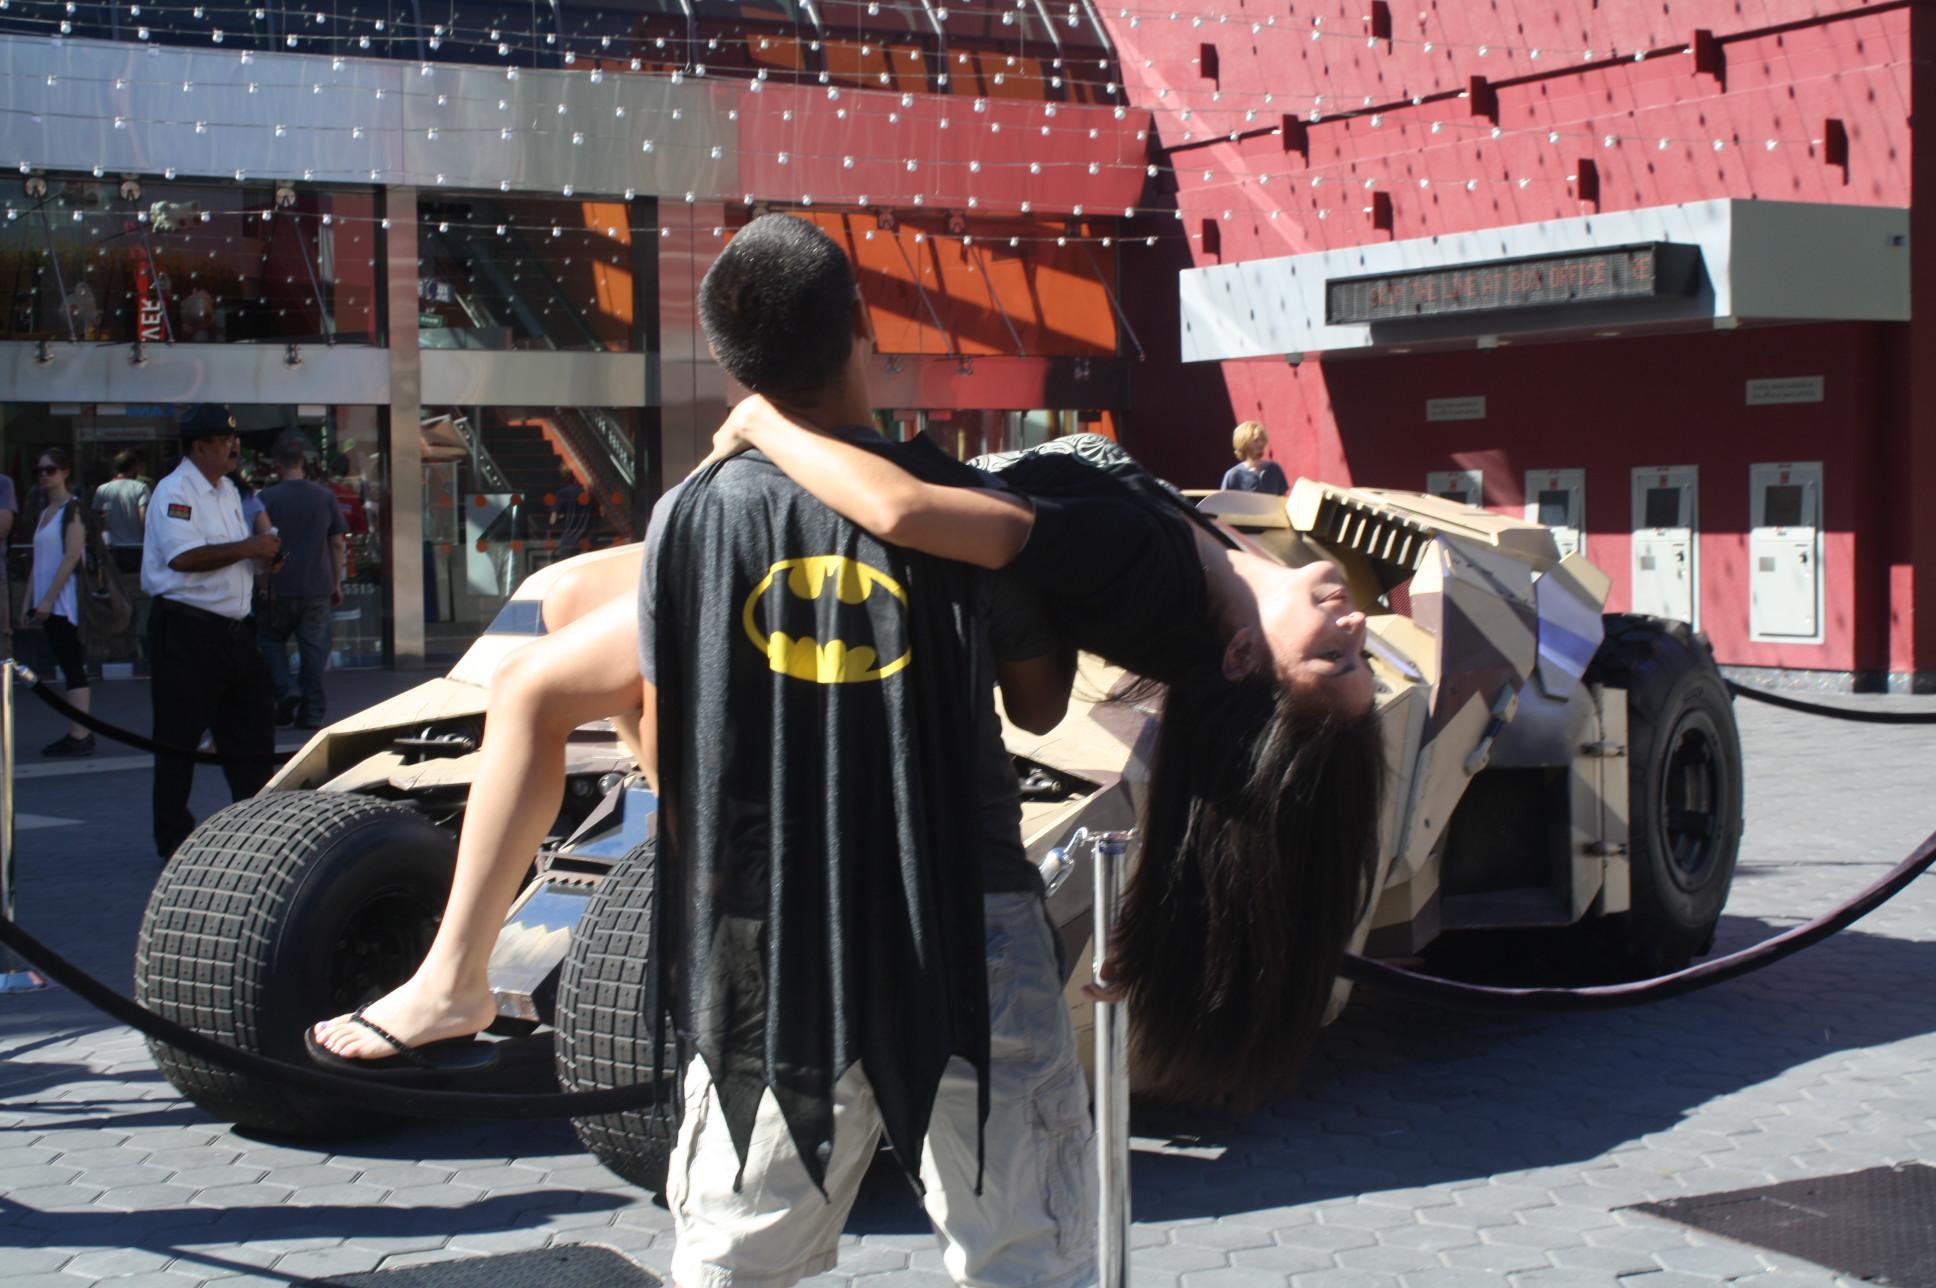 A City Walk llegaron muchas personas con su playera de Batman, pero otros no pudieron resistir y portaron su capa también. (Fotos Agustín Durán/ El Pasajero).